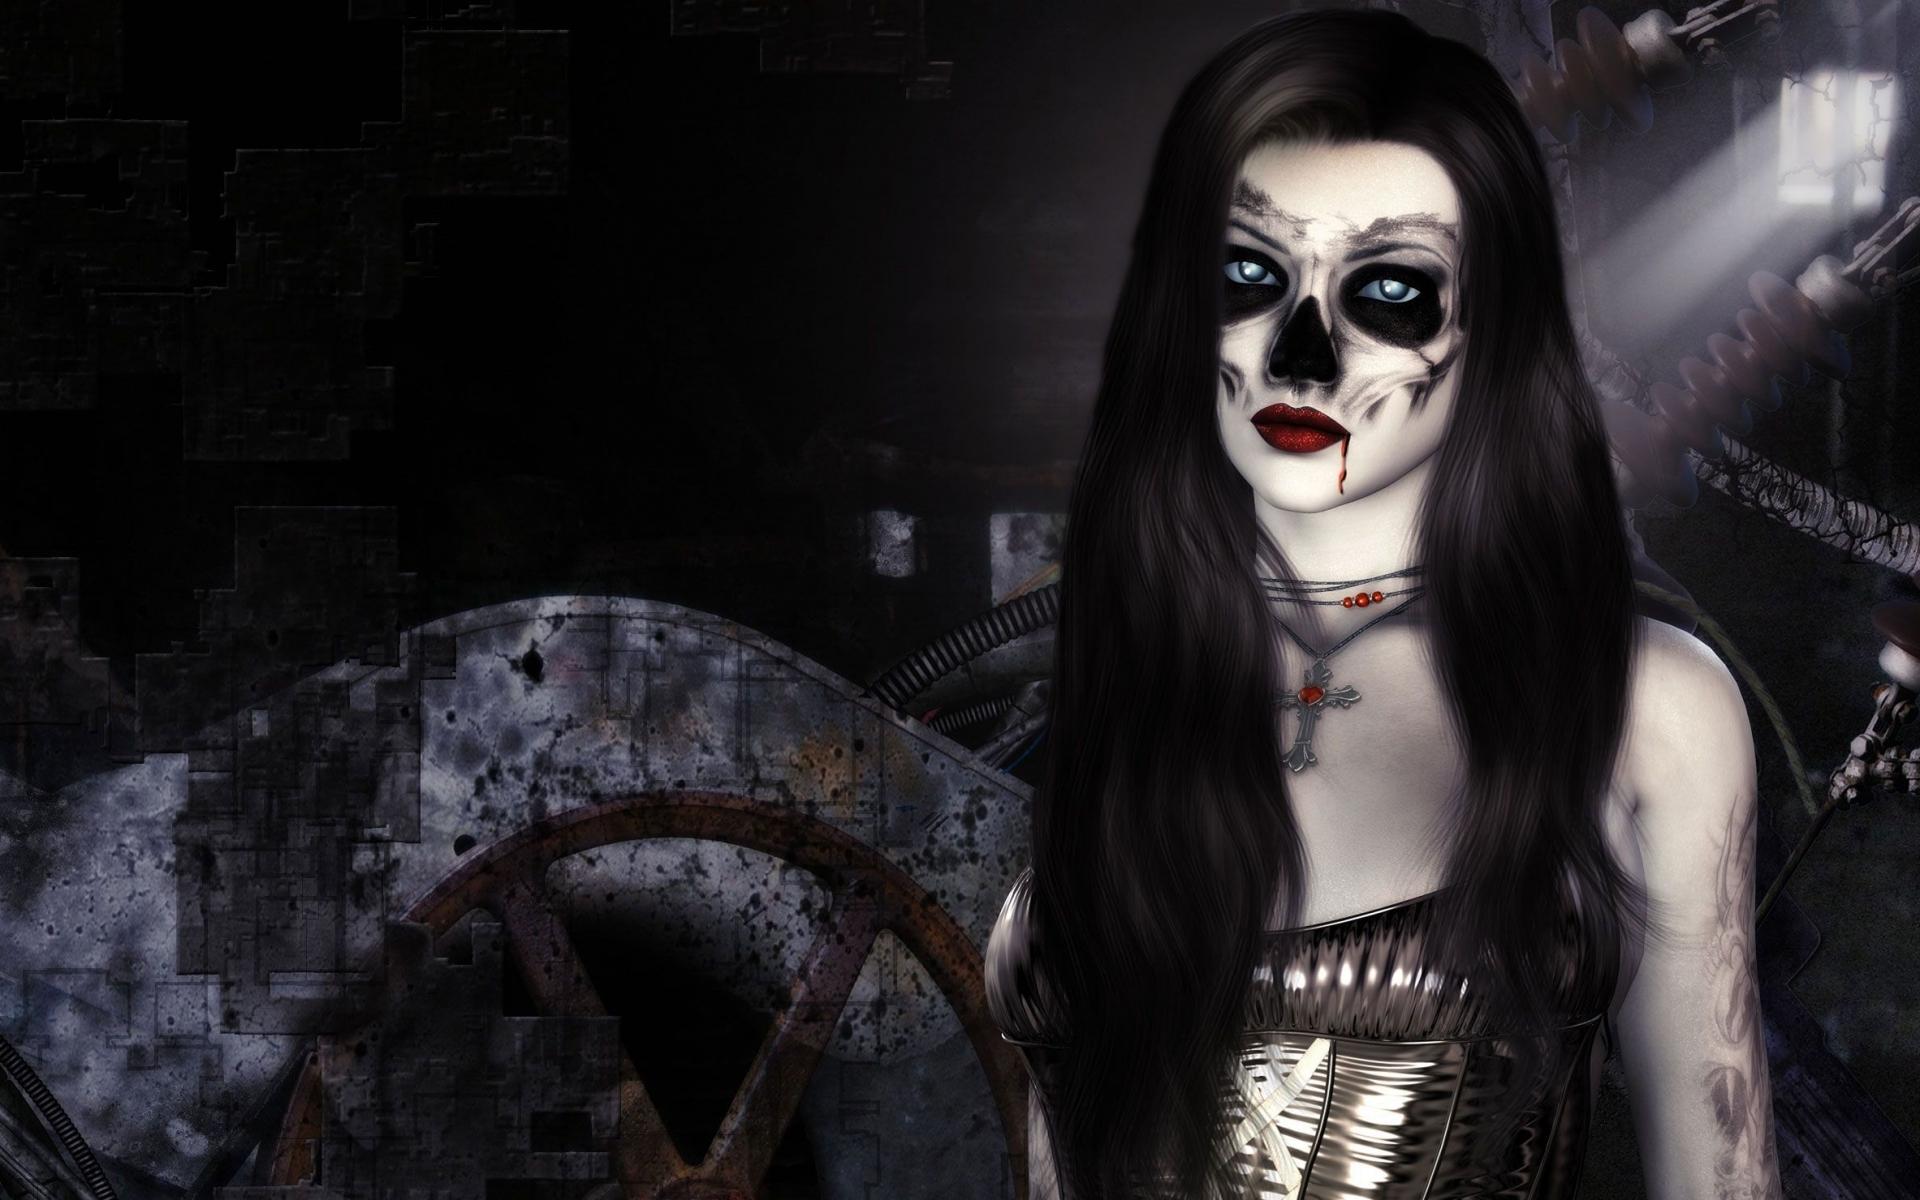 dark horror fantasy gothic 3d cg digital art vampire evil women face 1920x1200